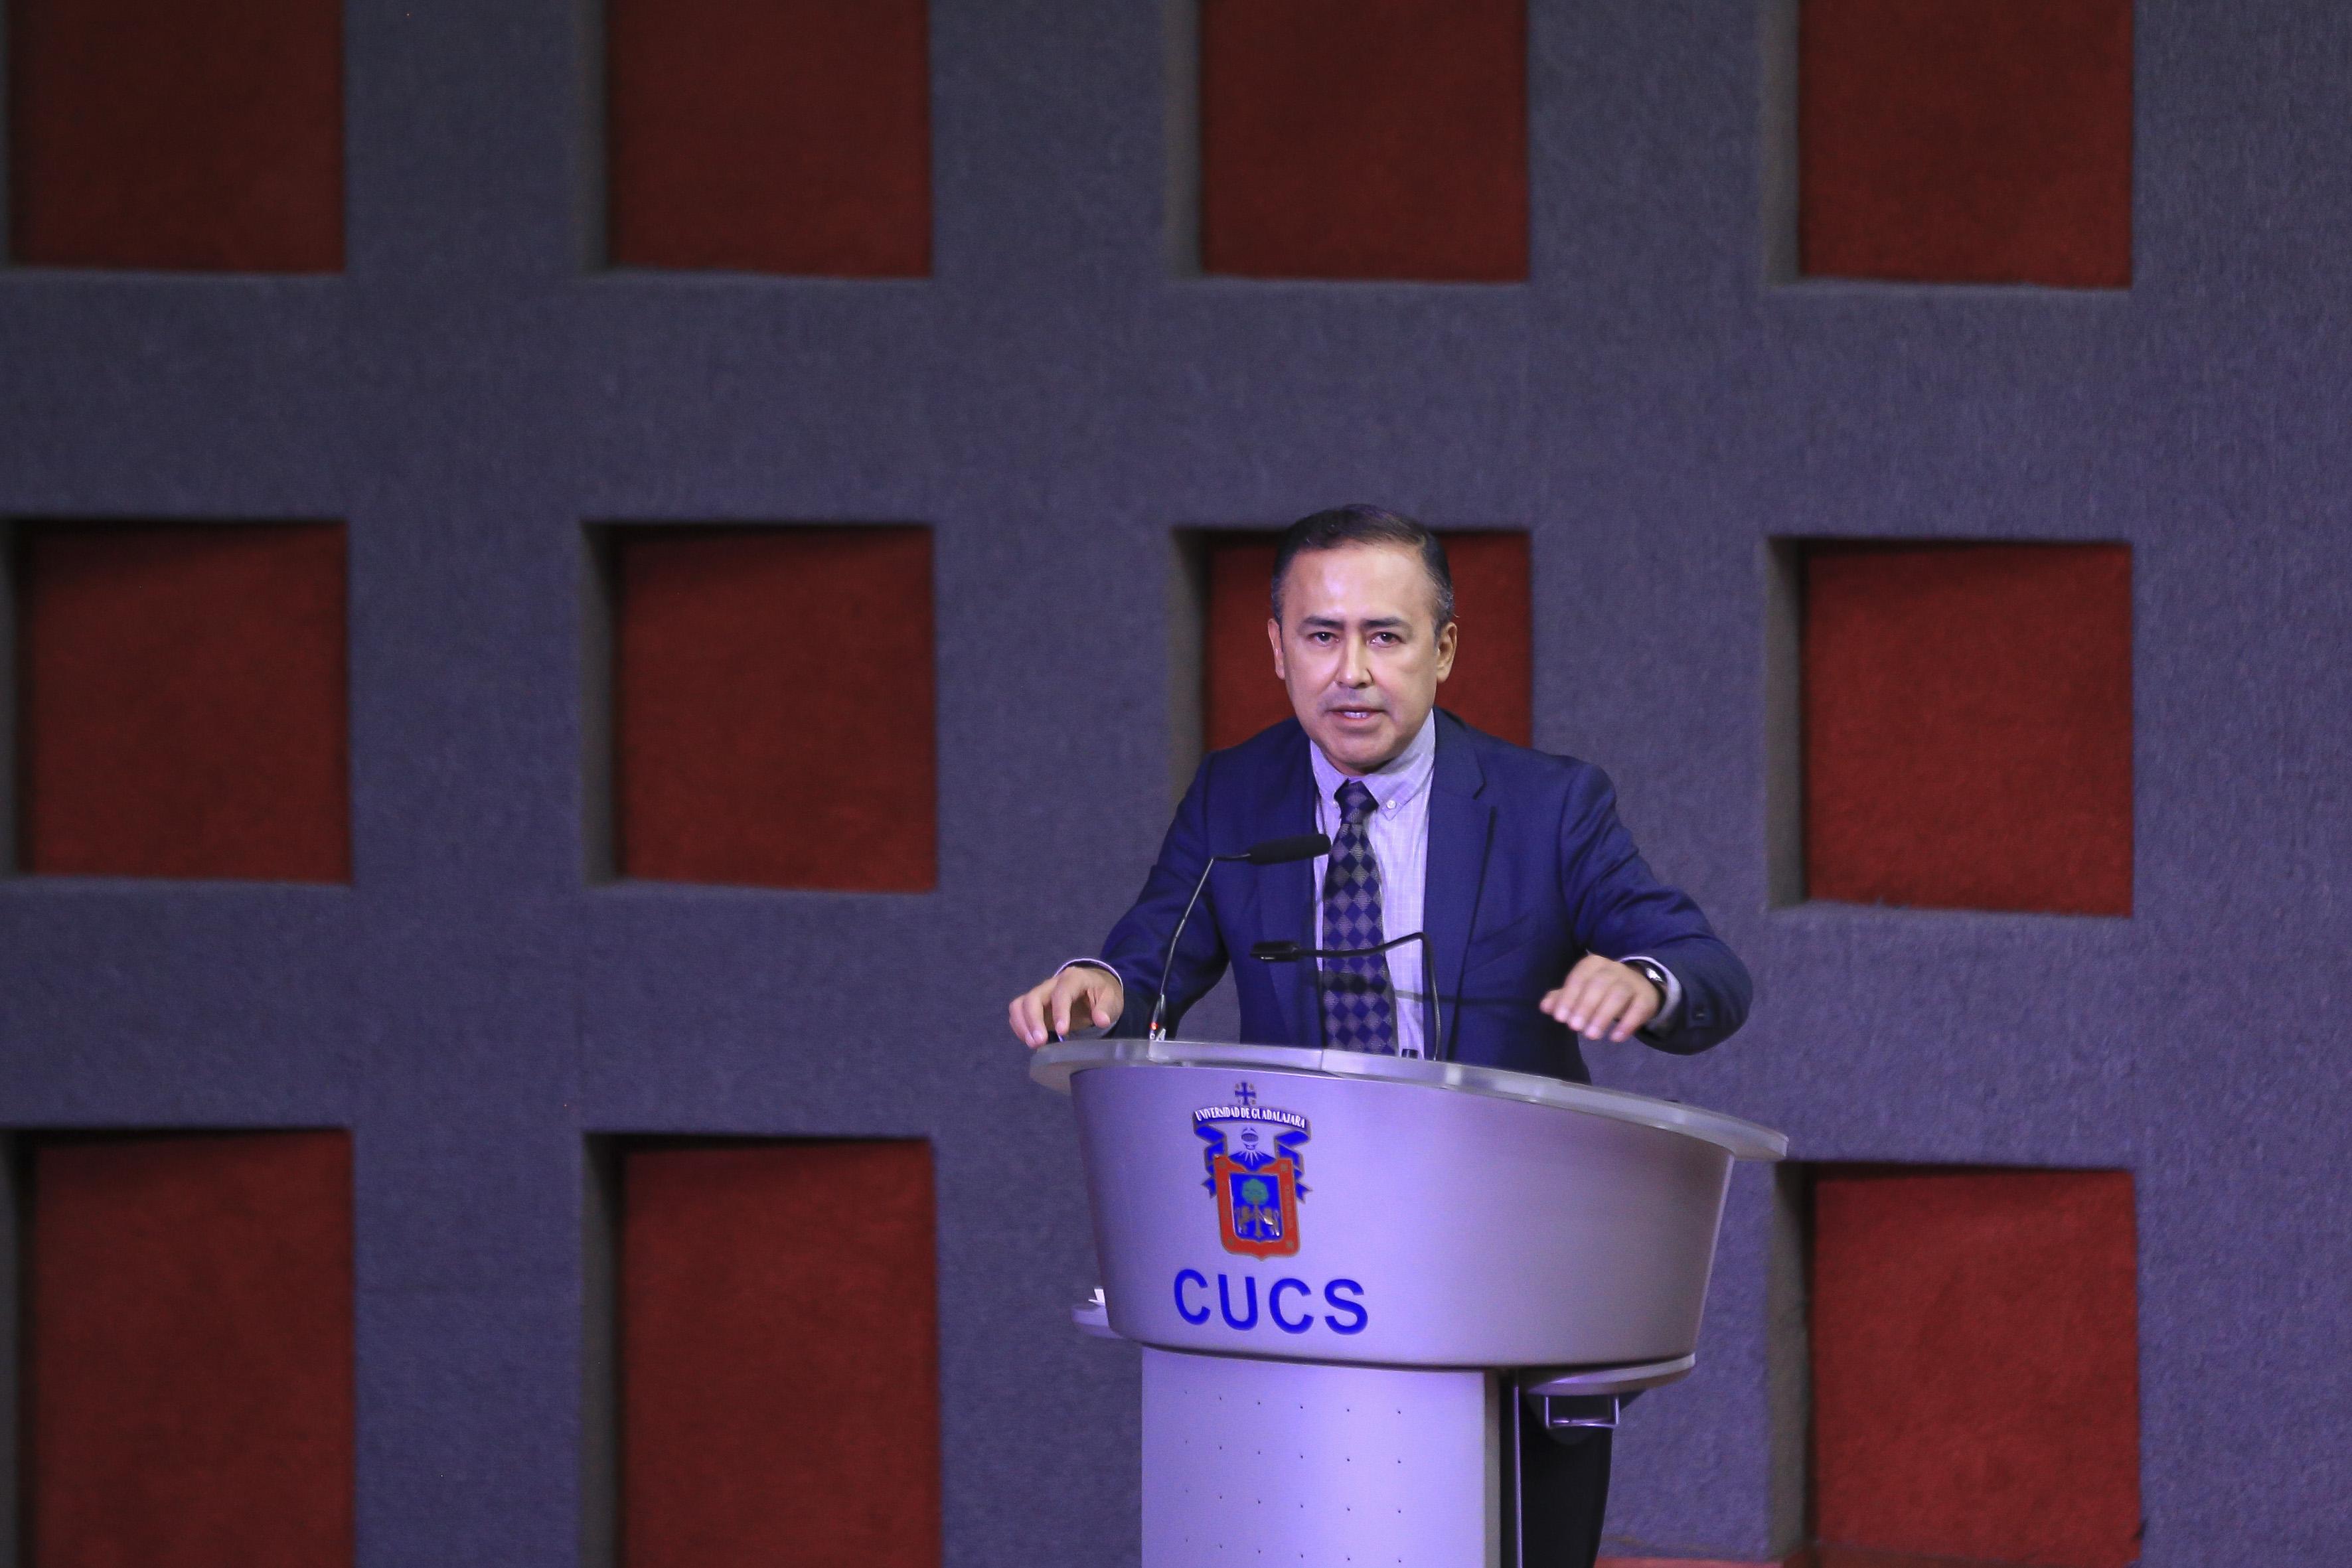 Rector CUCS en el podio ofreciendo mensaje